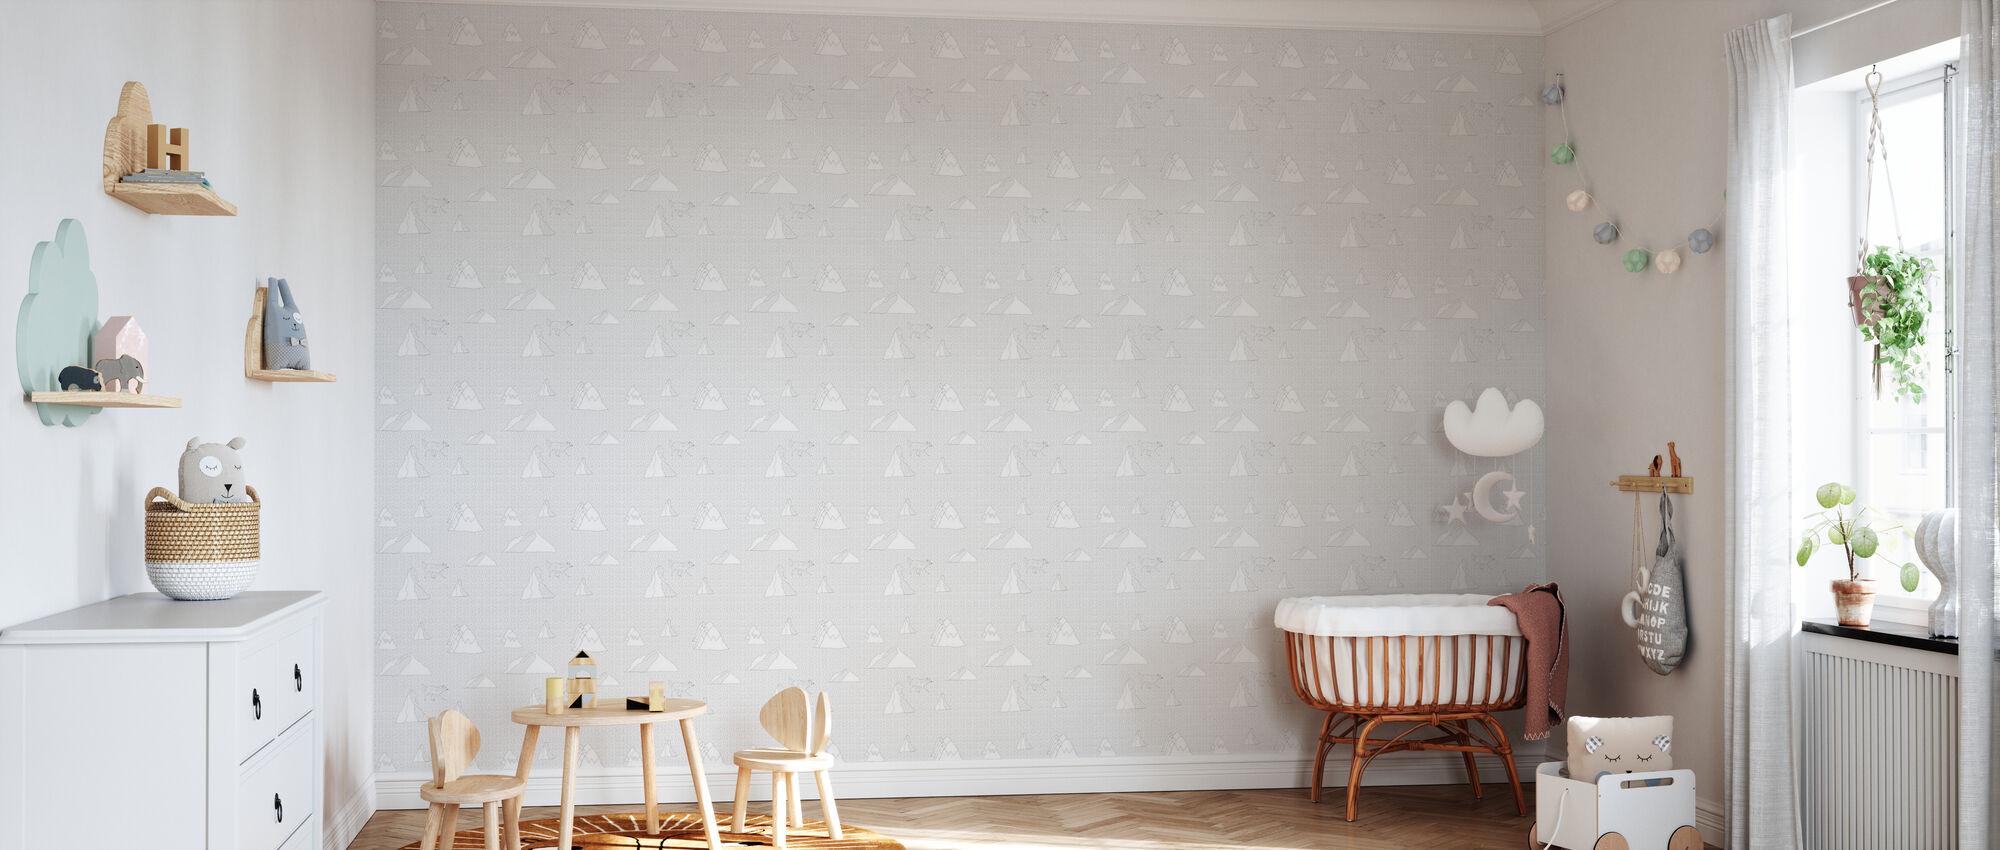 High Above - Wallpaper - Nursery